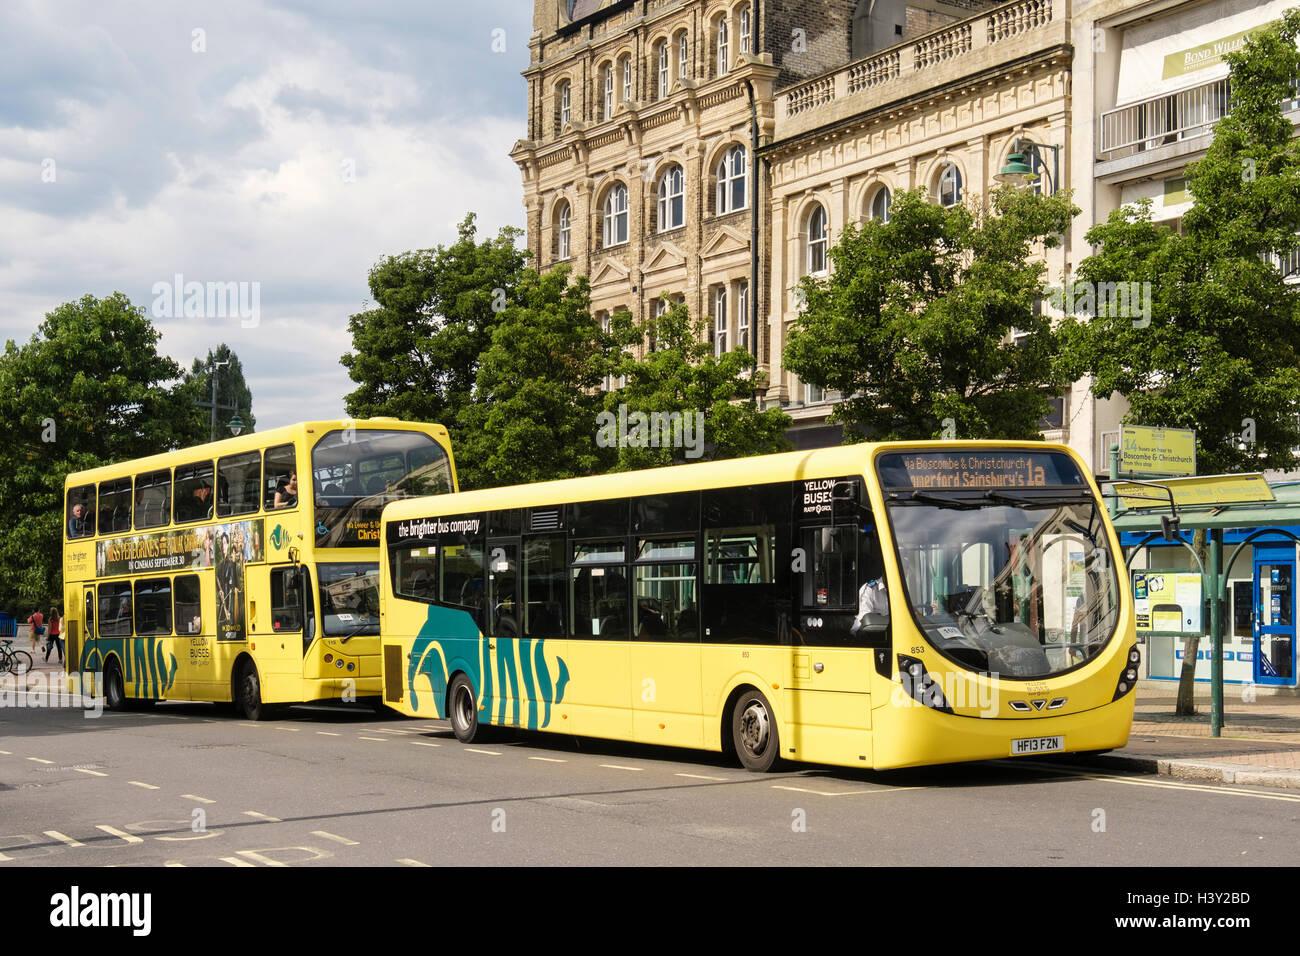 Autobuses amarillos en una parada de autobús en el centro de la ciudad. Bournemouth, Dorset, Inglaterra, Reino Imagen De Stock